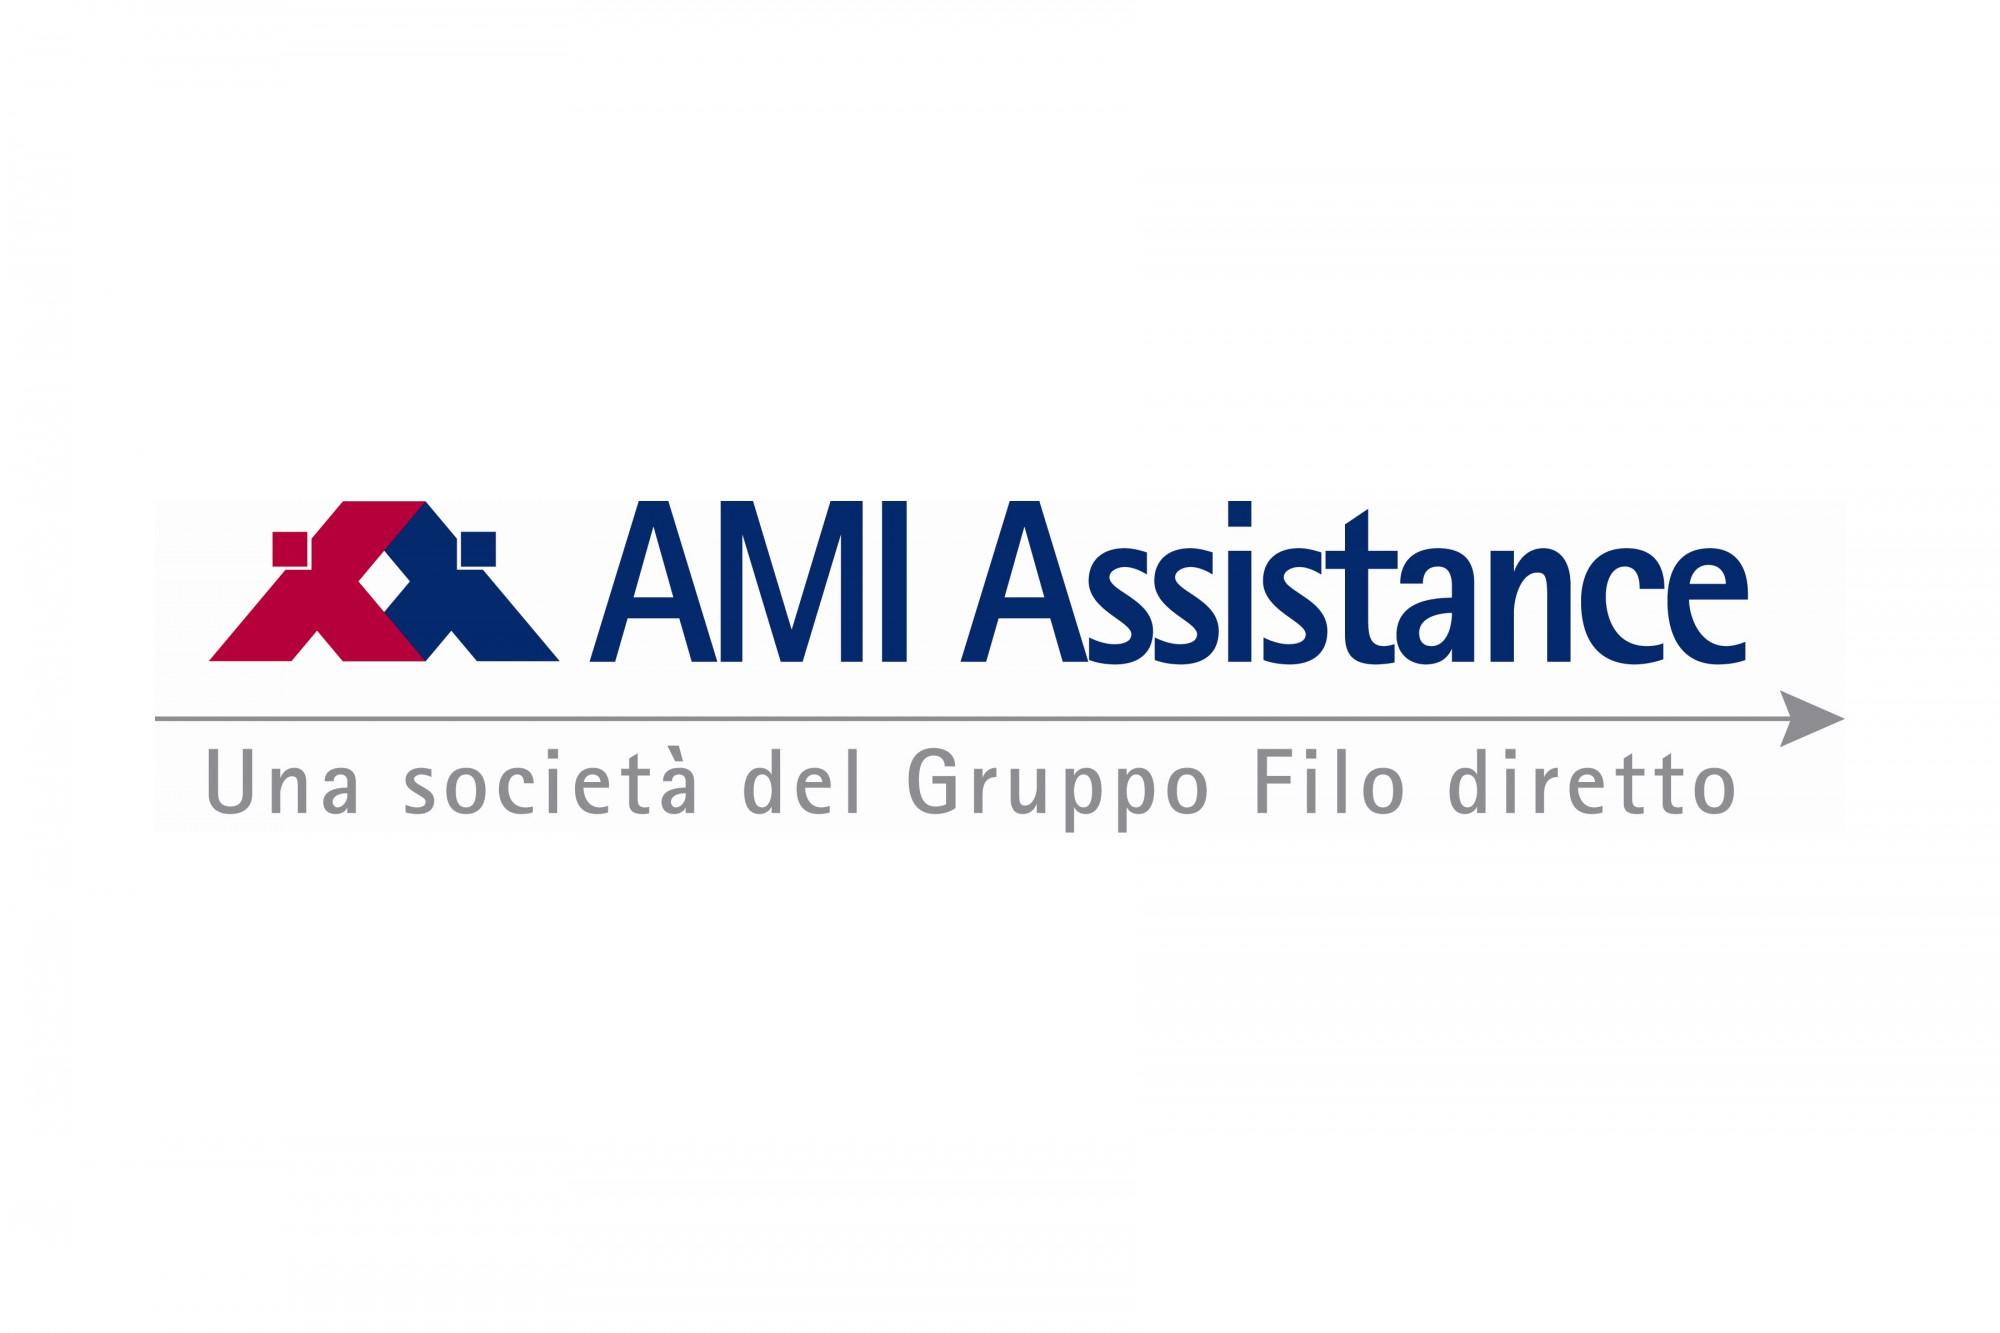 AMI Assistance HiRes